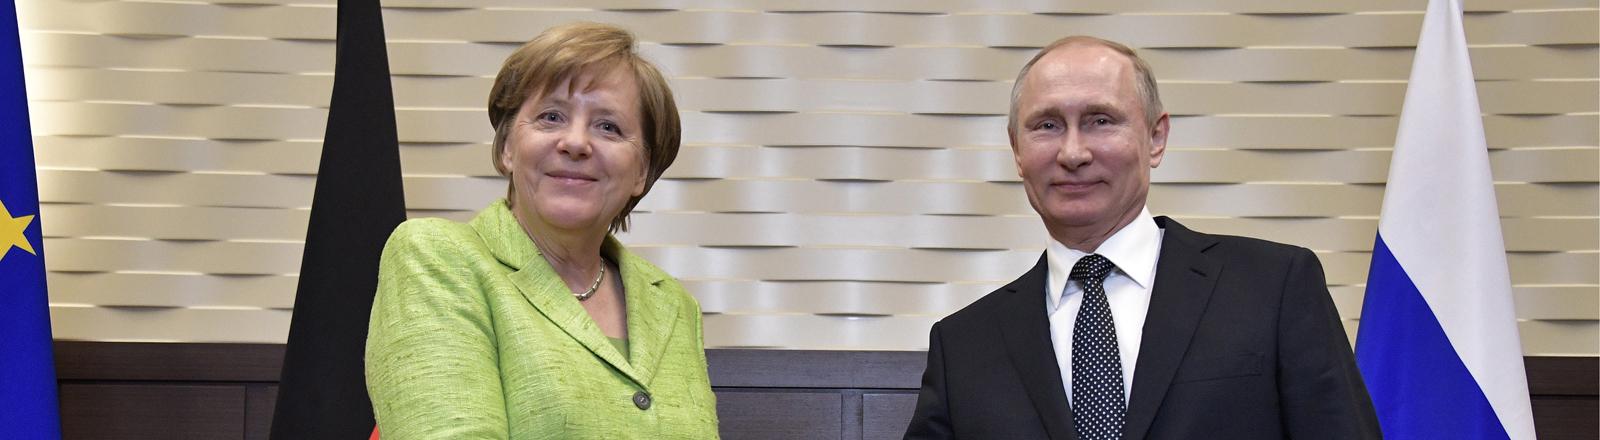 Angela Merkel und Vladimir Putin schütteln sich die Hand